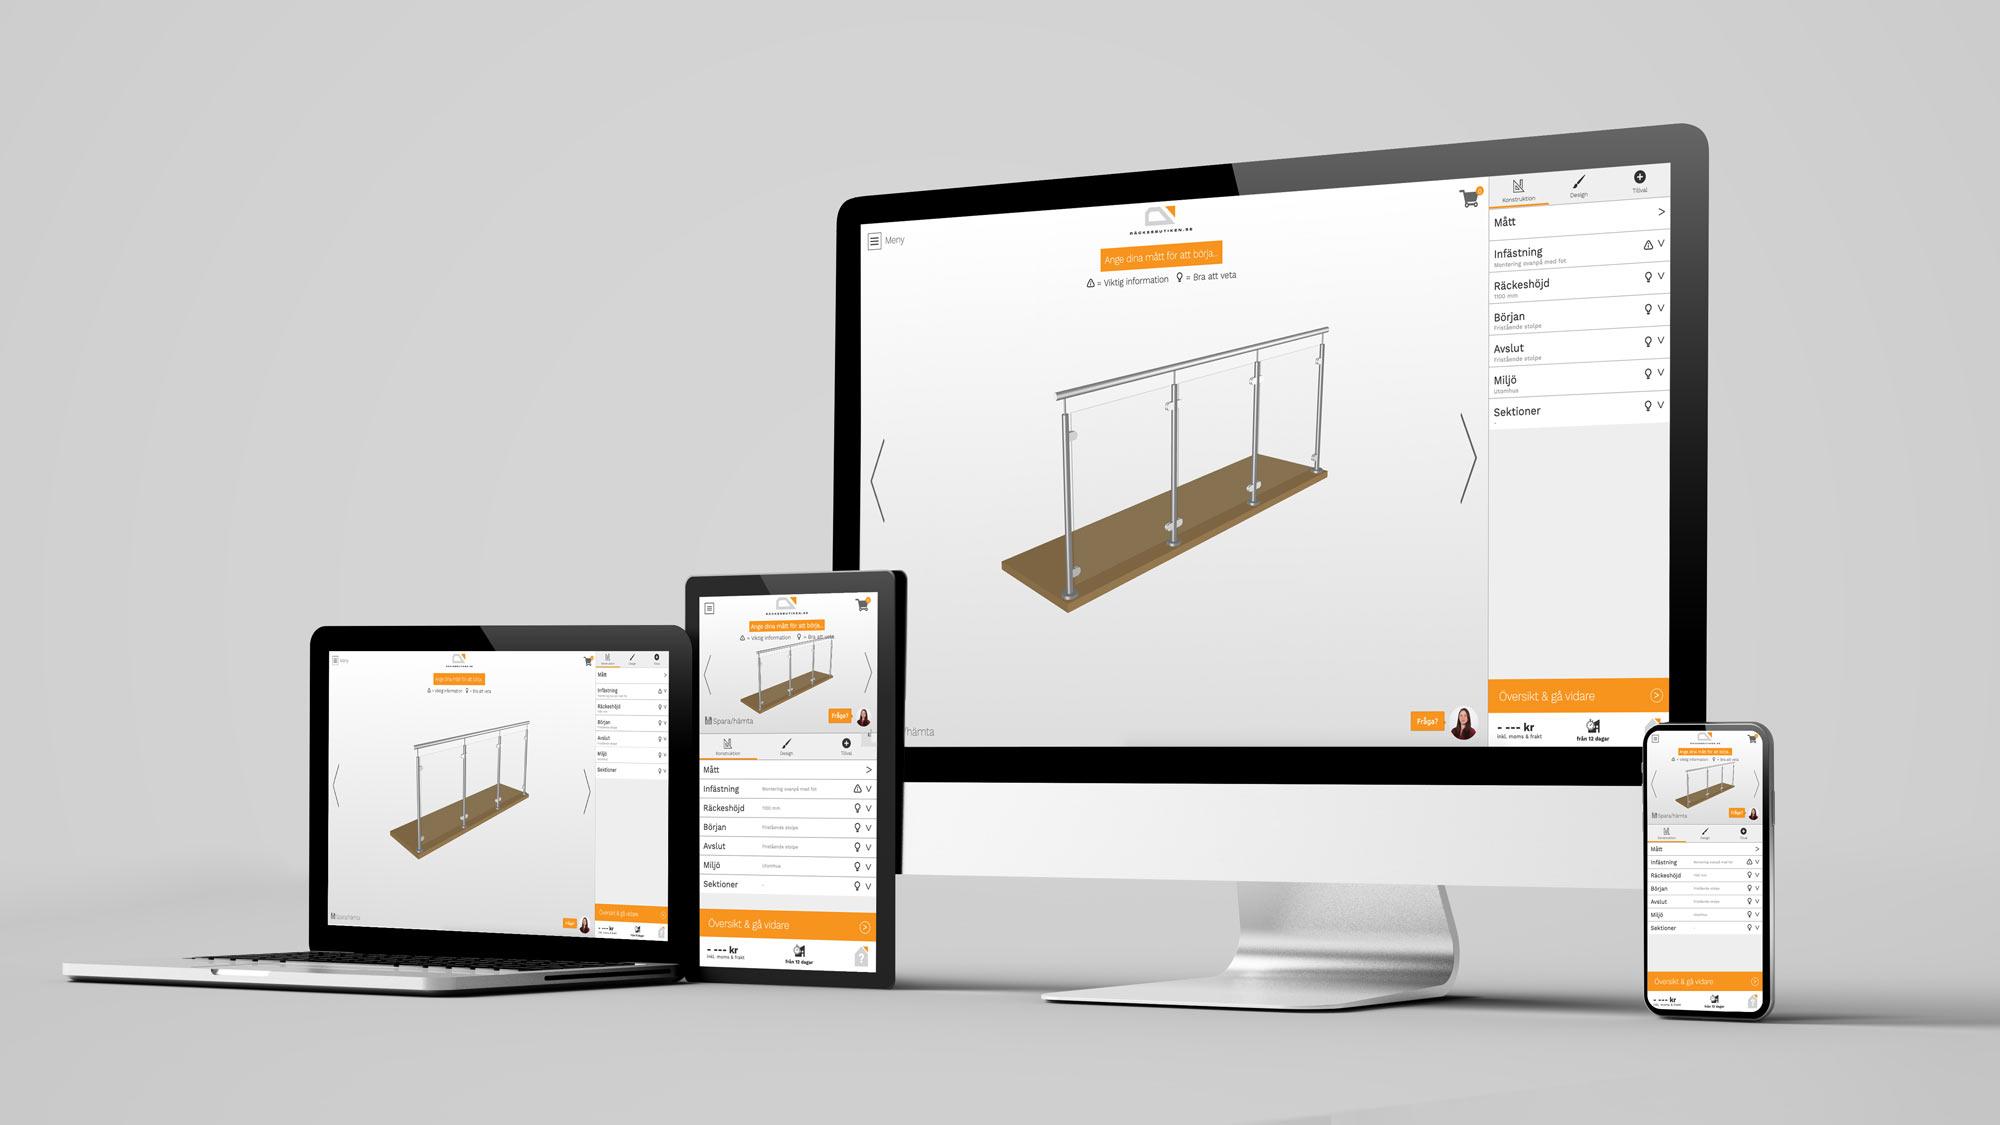 Beställ Alu Modern online - via dator, surfplatta eller mobil